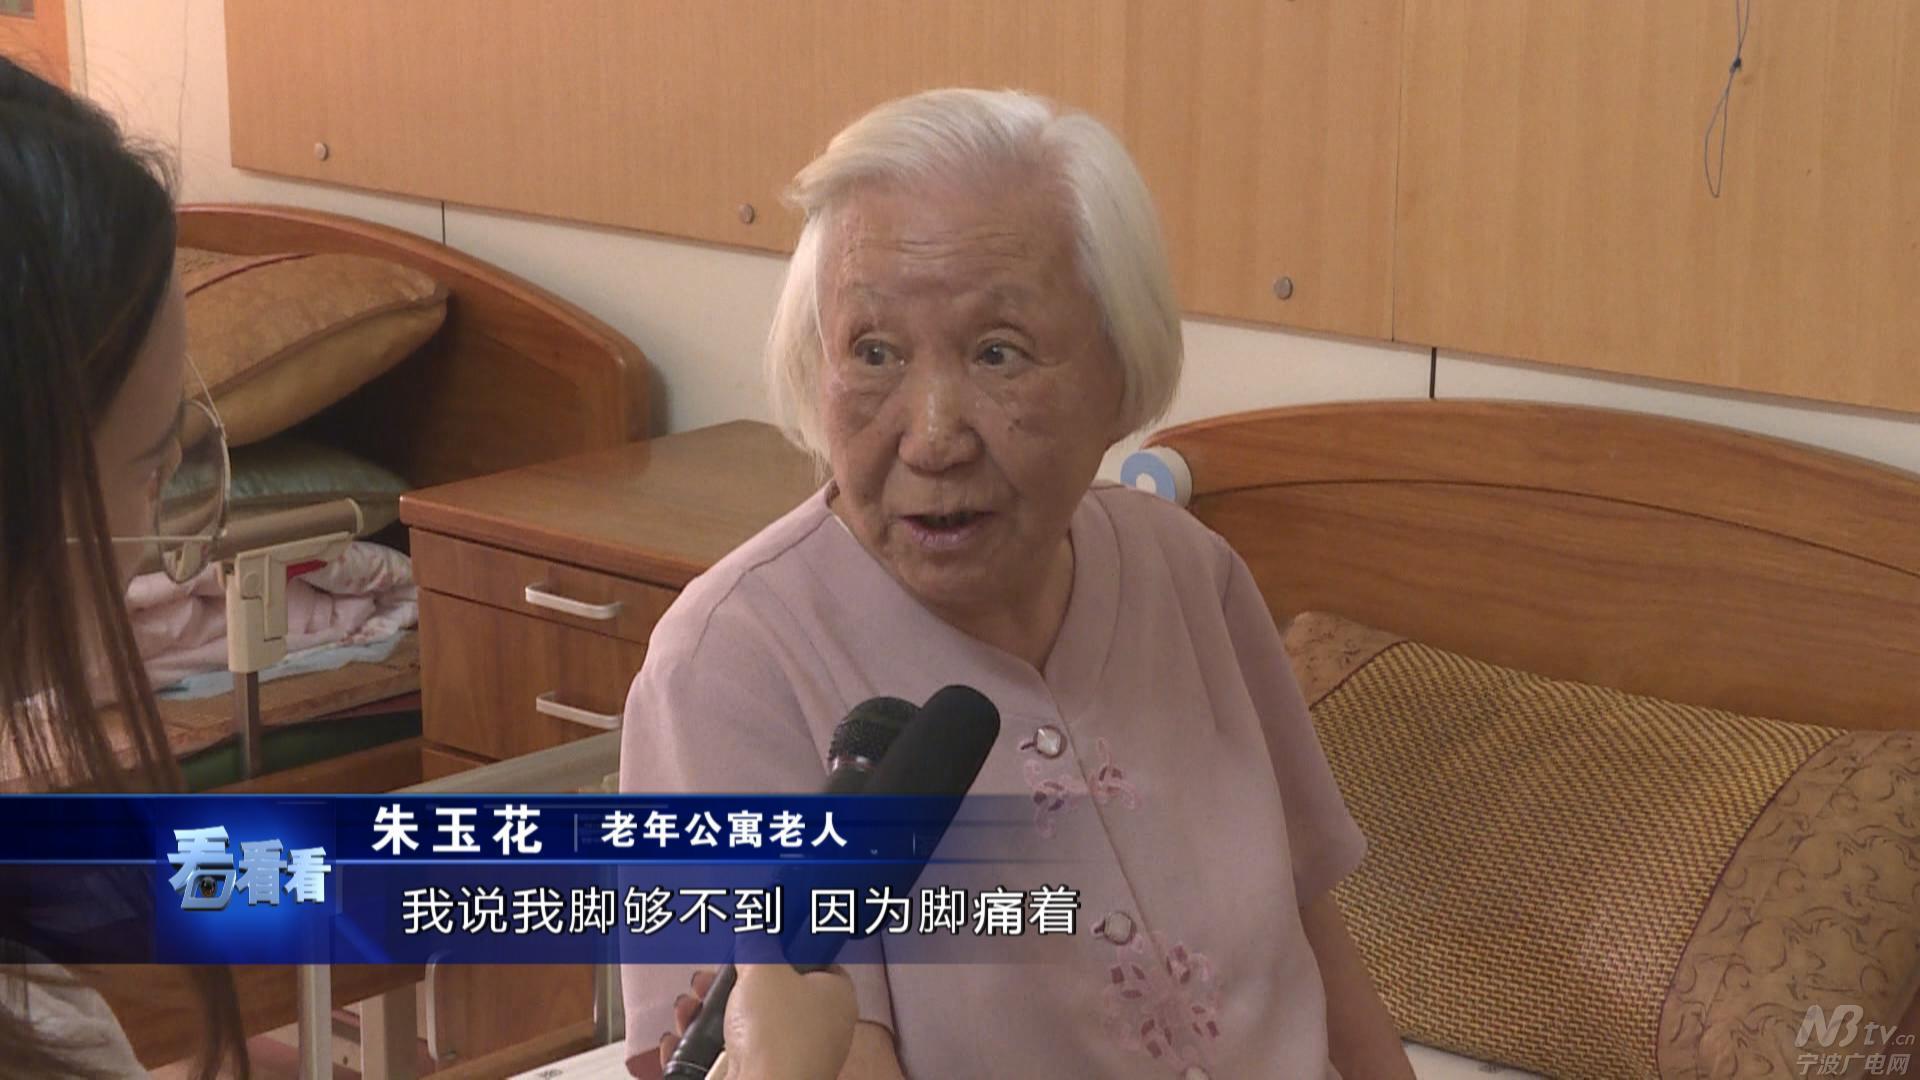 四年半杨清柠歌词简谱-陈鸿鑫从小和外婆生活在一起,跟老年人很合得来.28岁时,她就开始